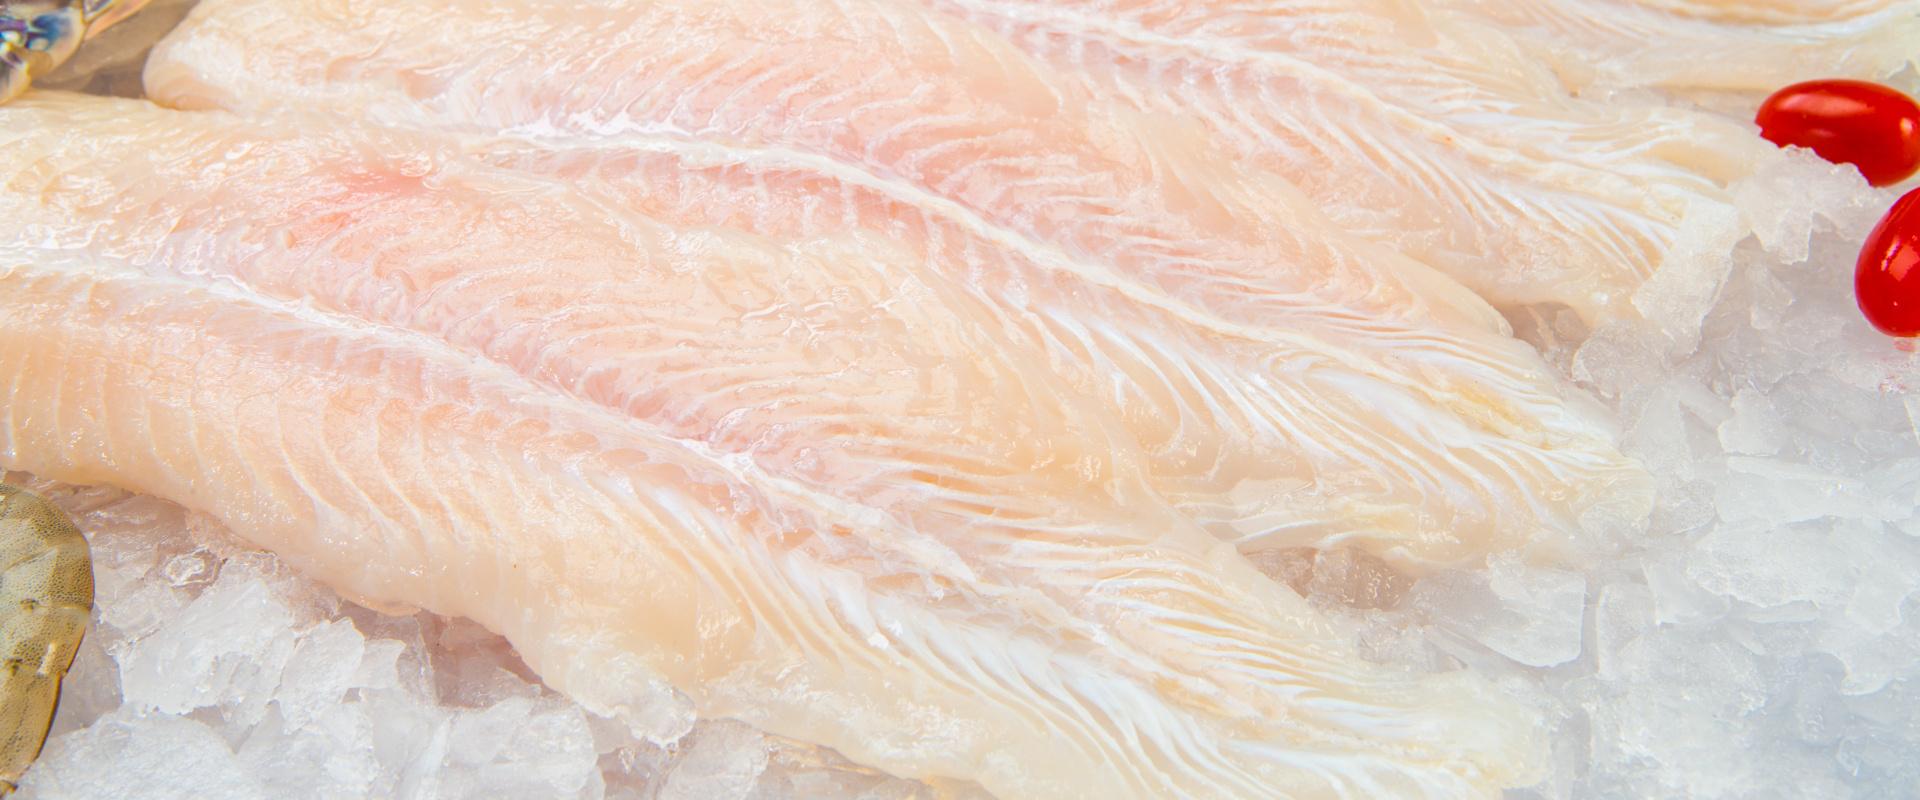 fagyasztott hal